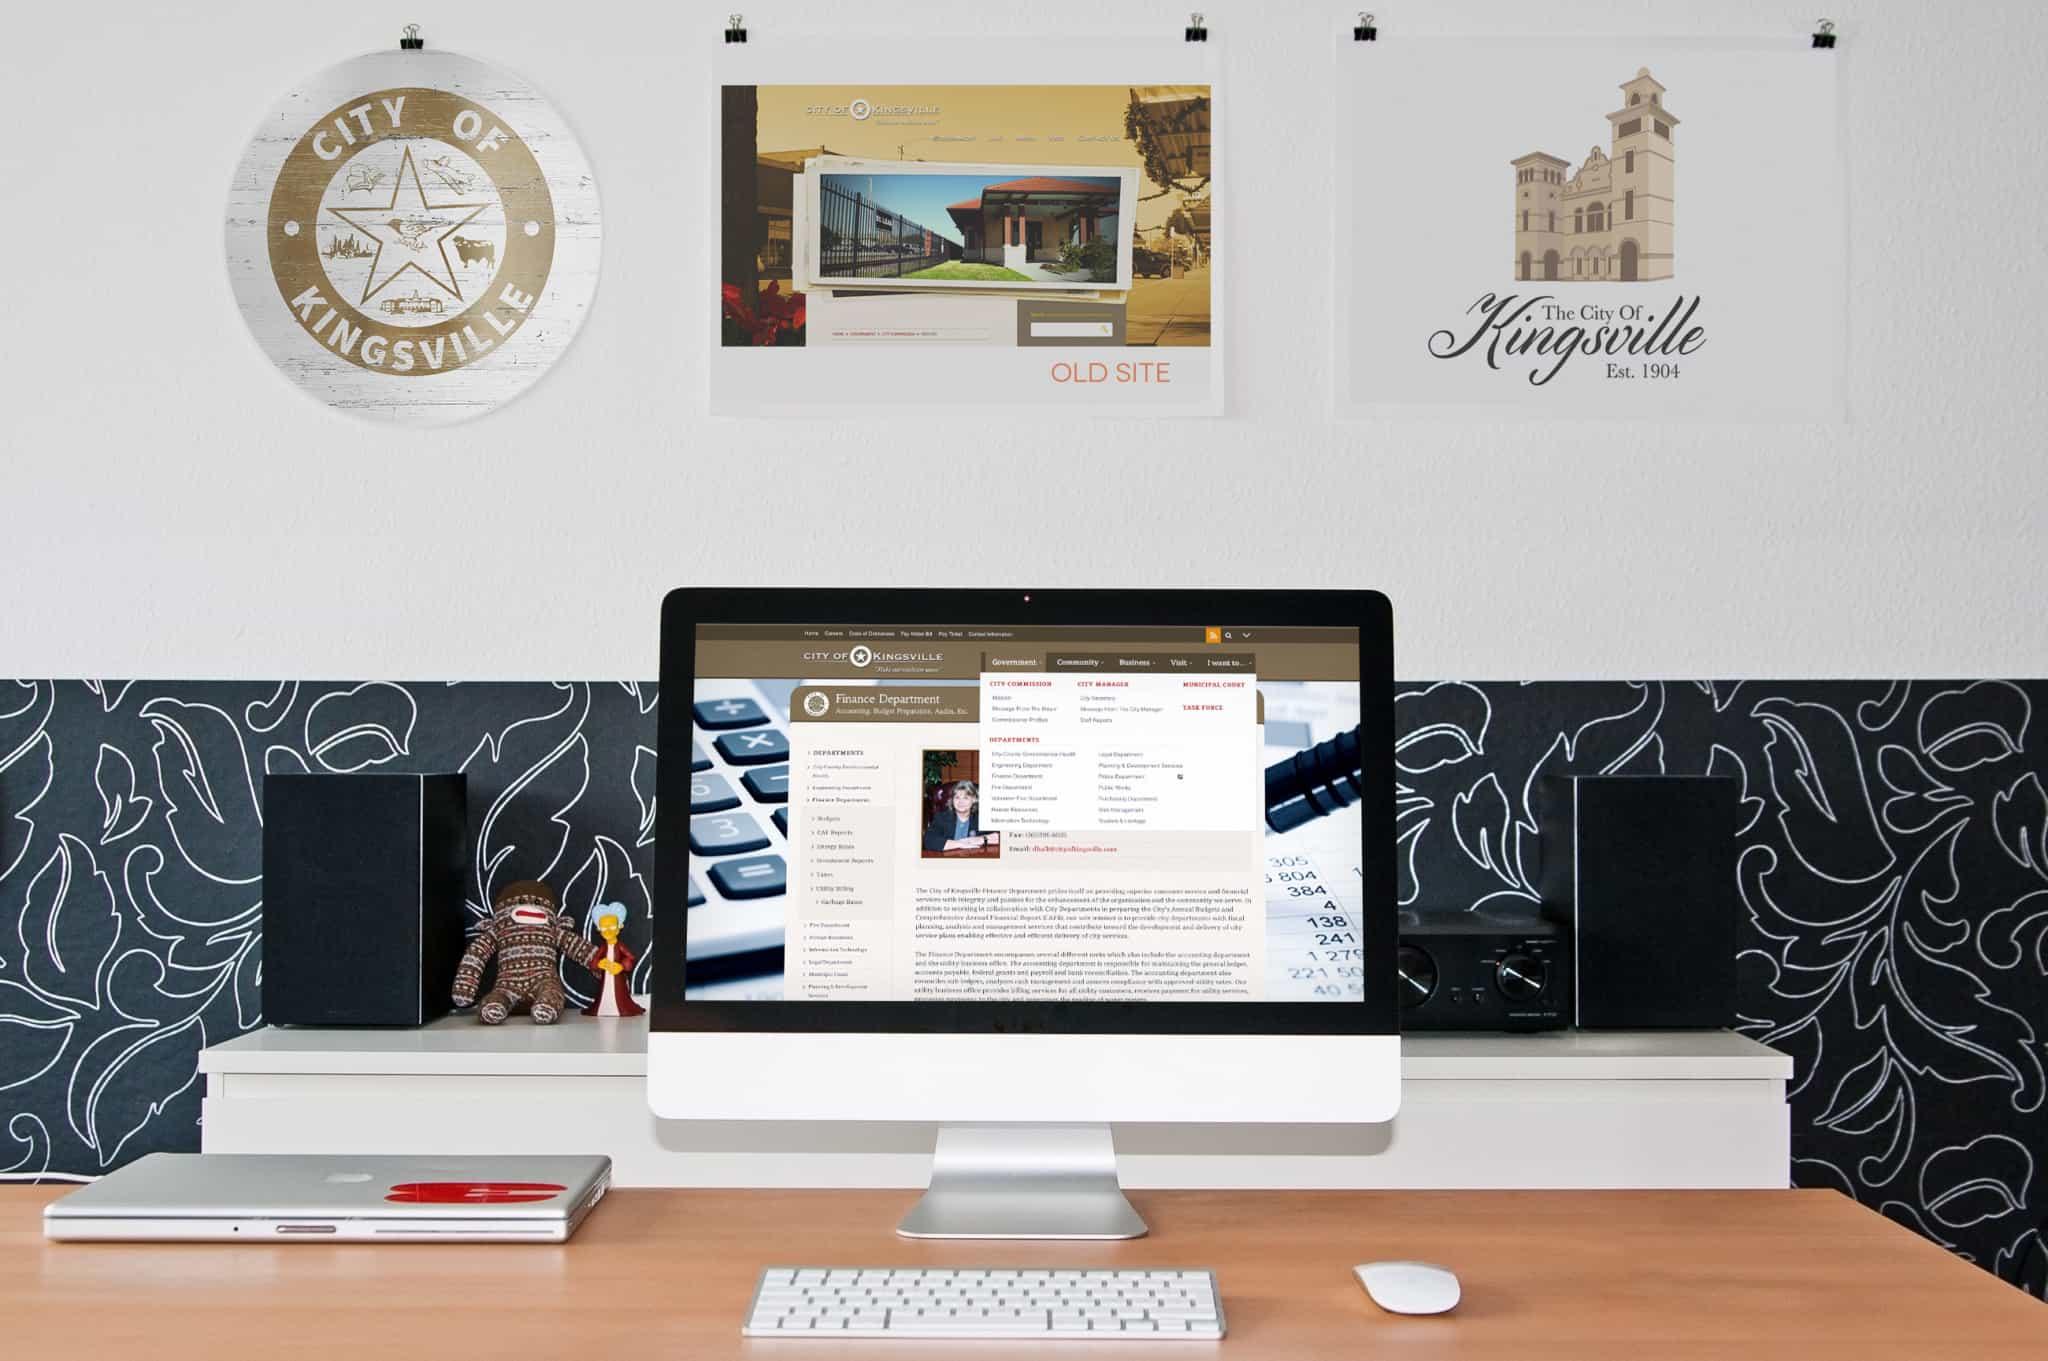 City Of Kingsville Website Design